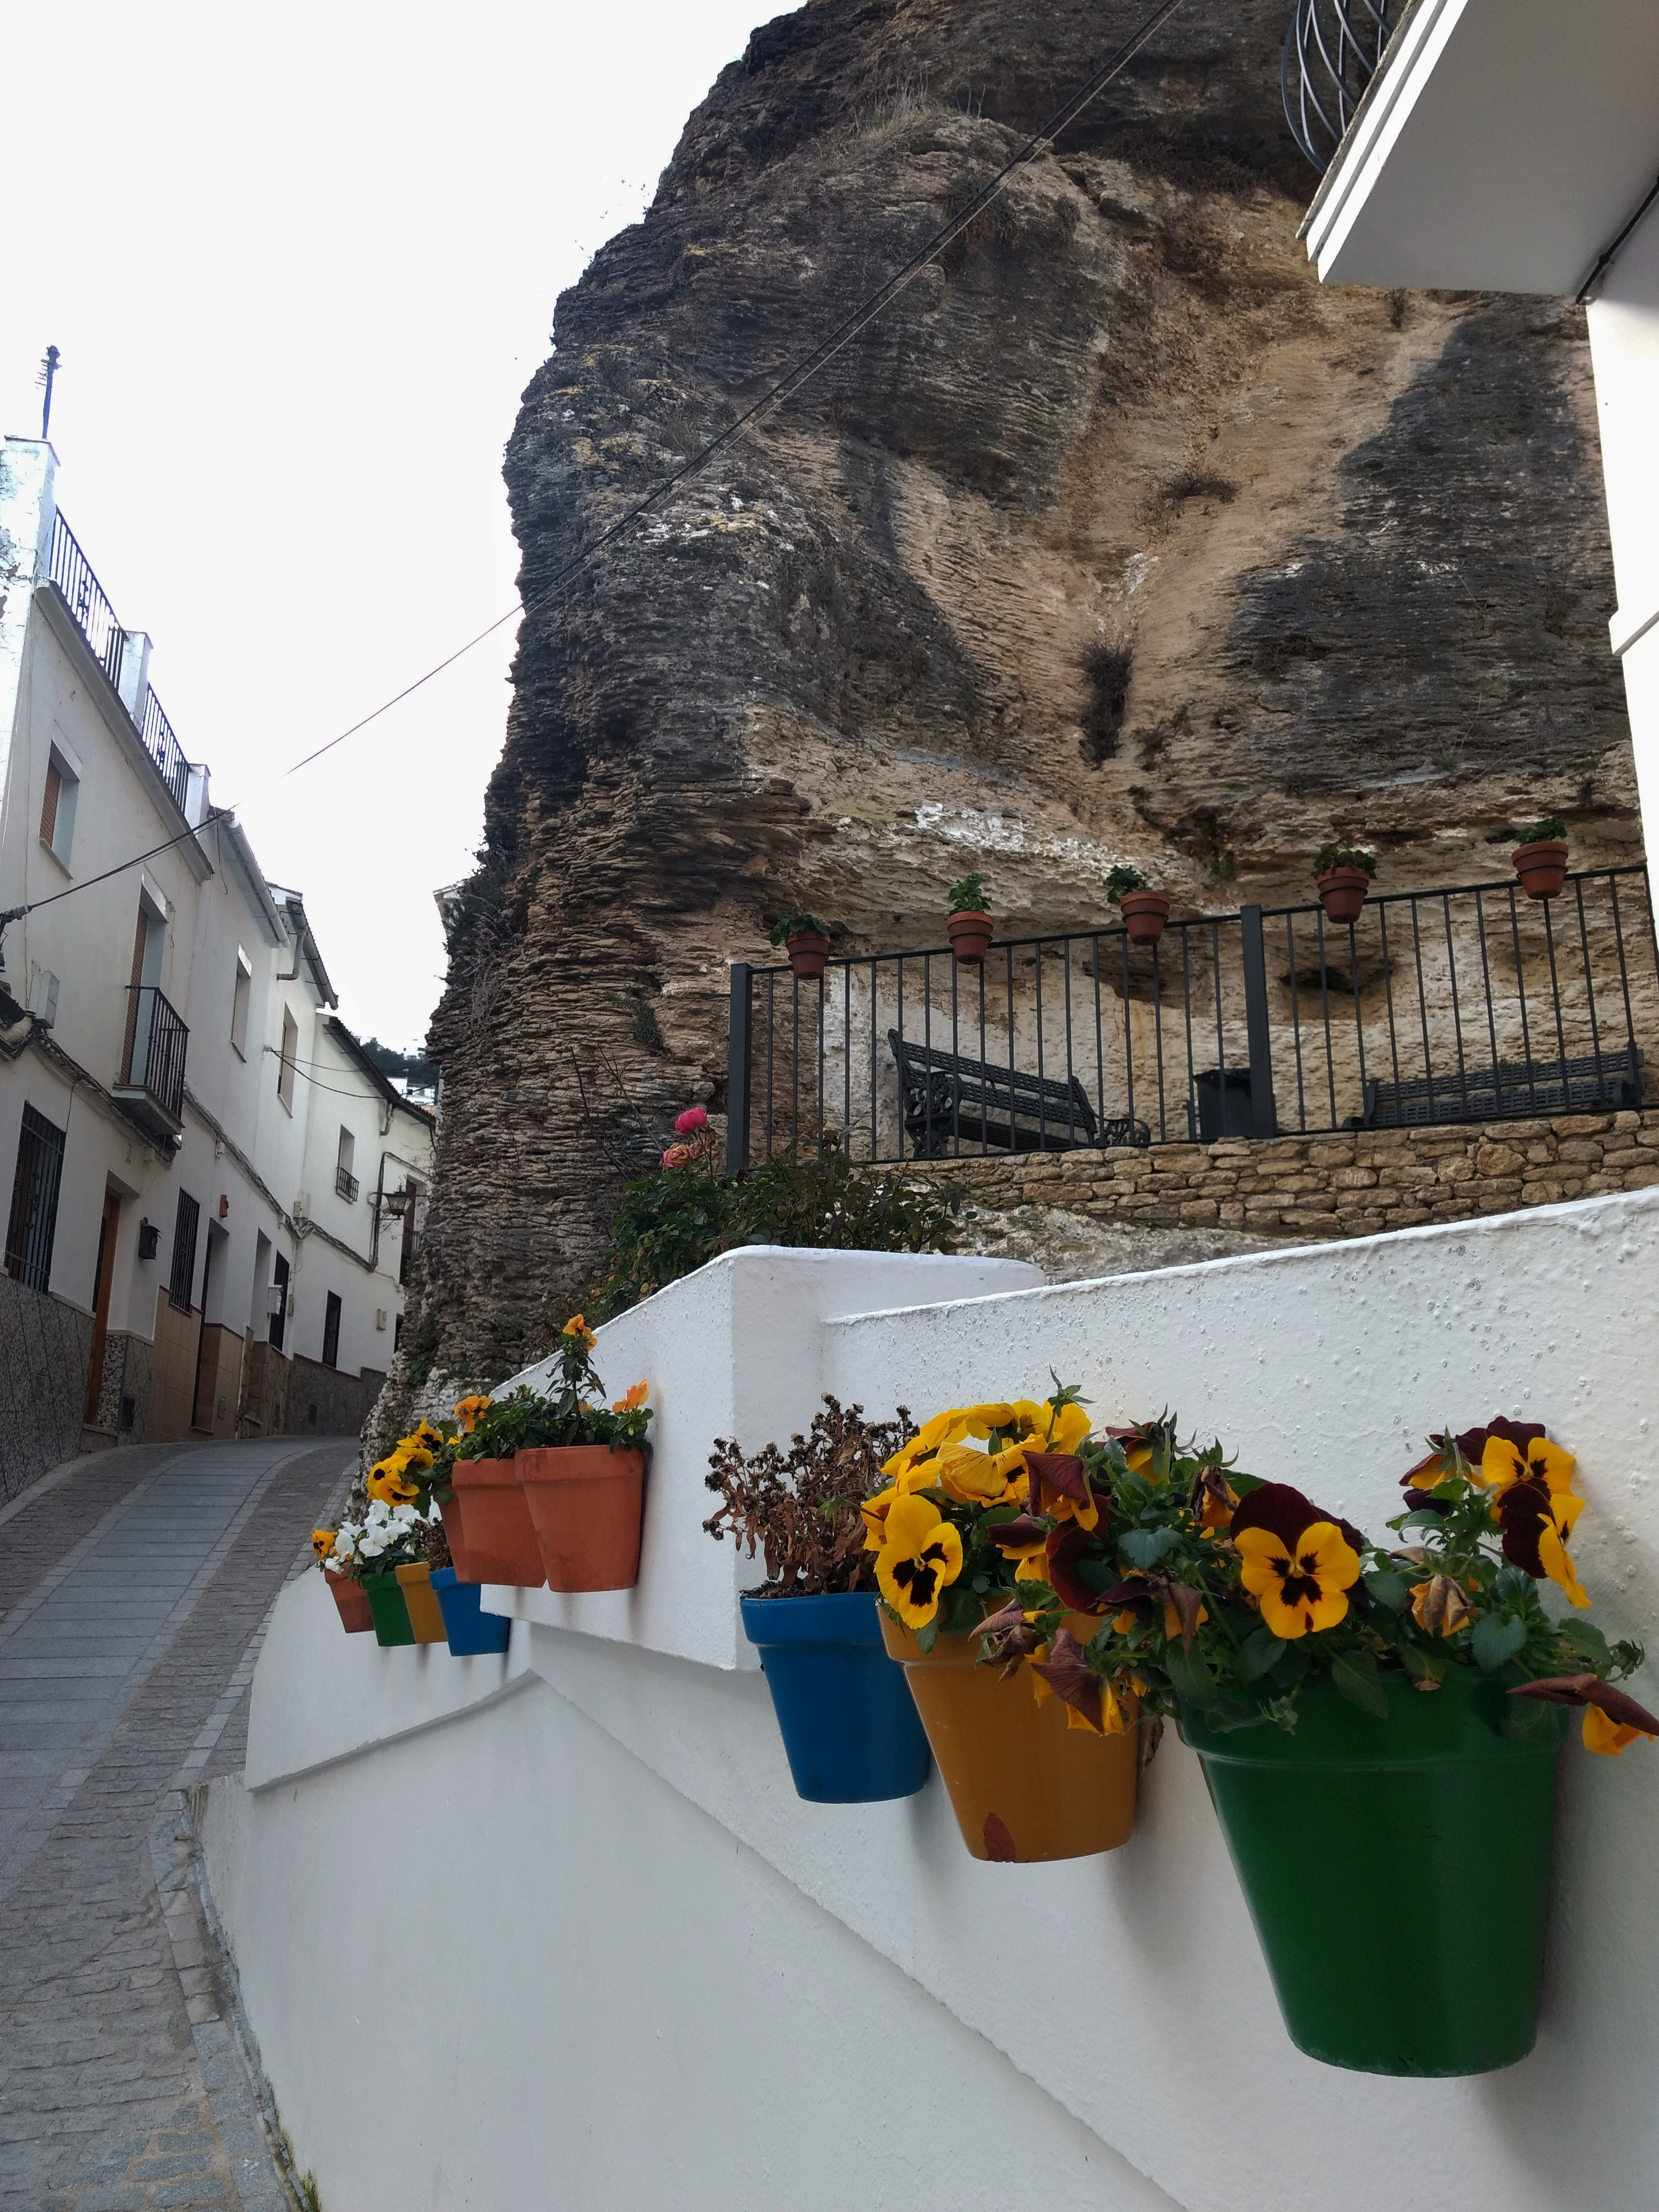 Flower pots in Setenil